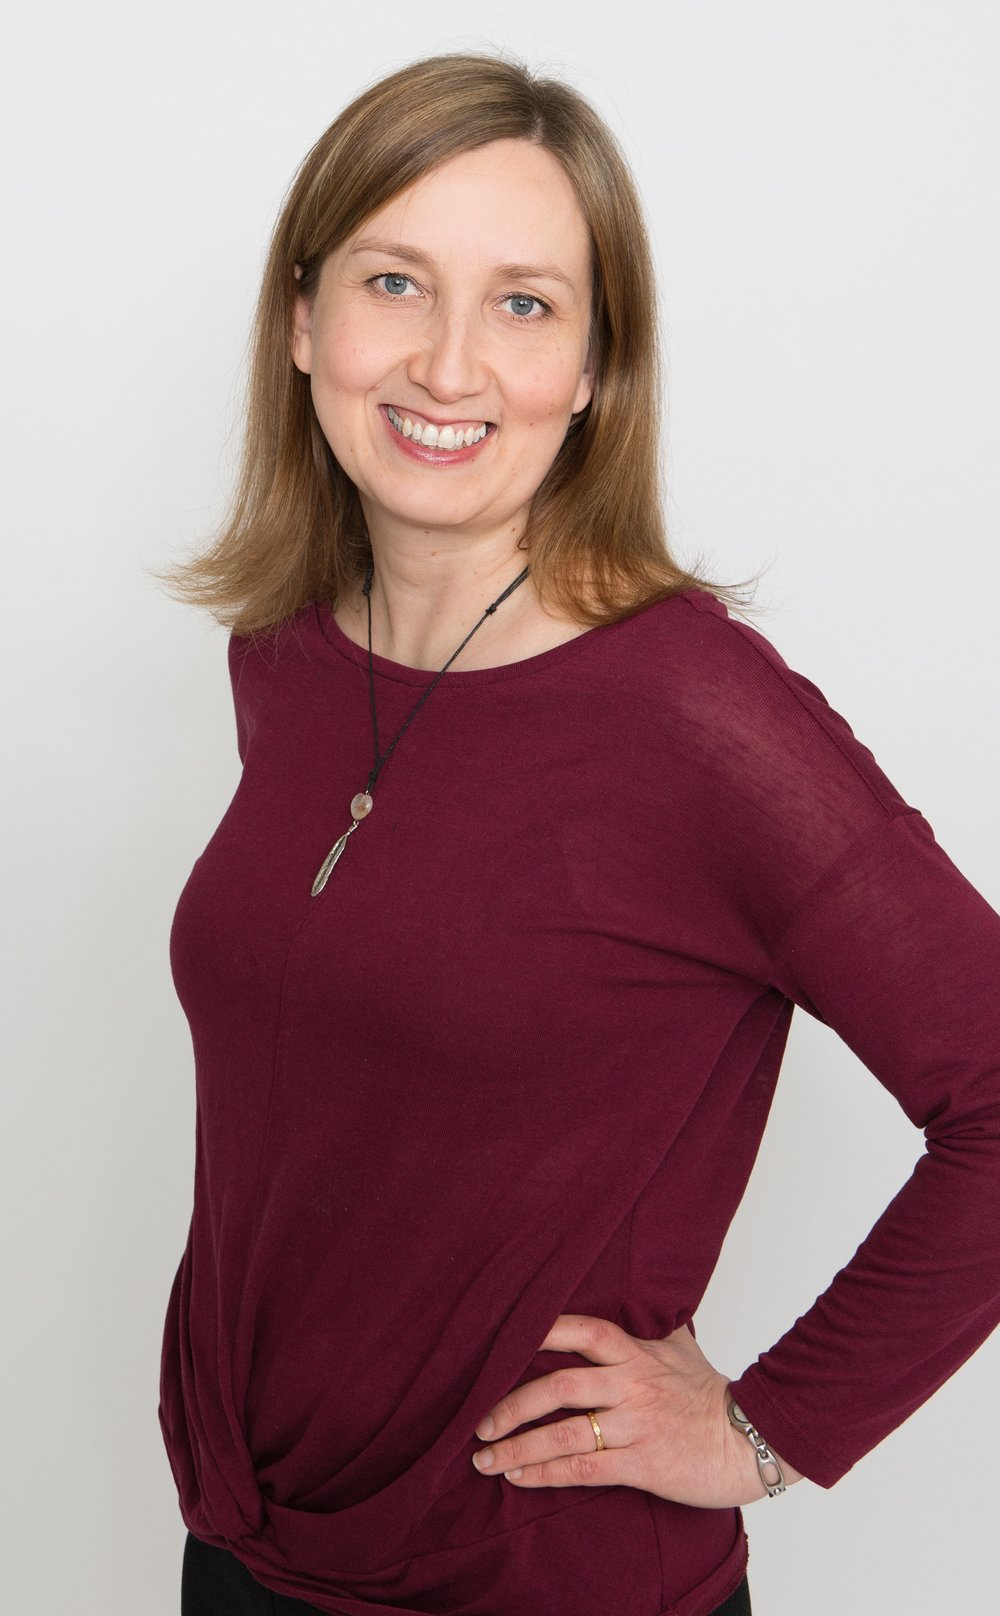 Taina Kangas Terveydenhoitaja Savuttomuusohjaaja Mindfulness-tunnetaitovalmentaja   www.keuhkokatsastus.fi